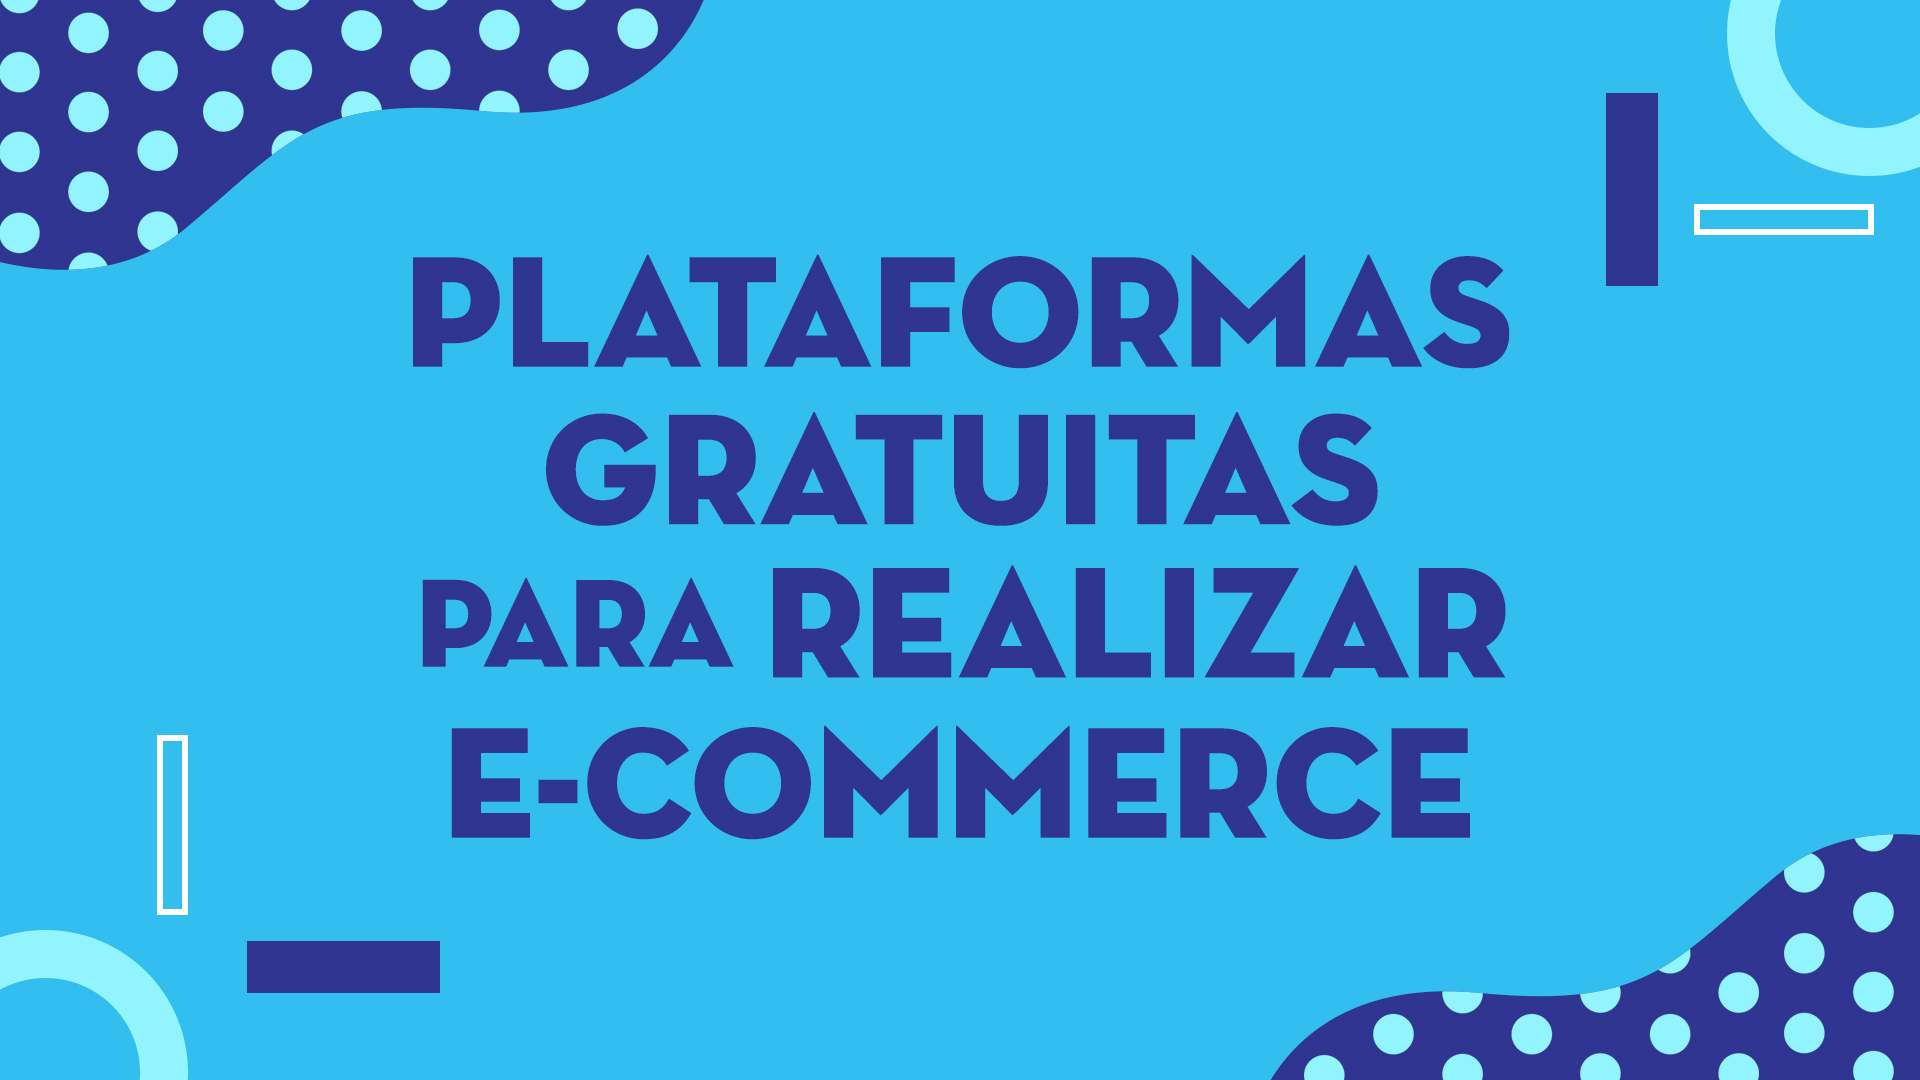 Plataformas gratuitas para realizar E-Commerce